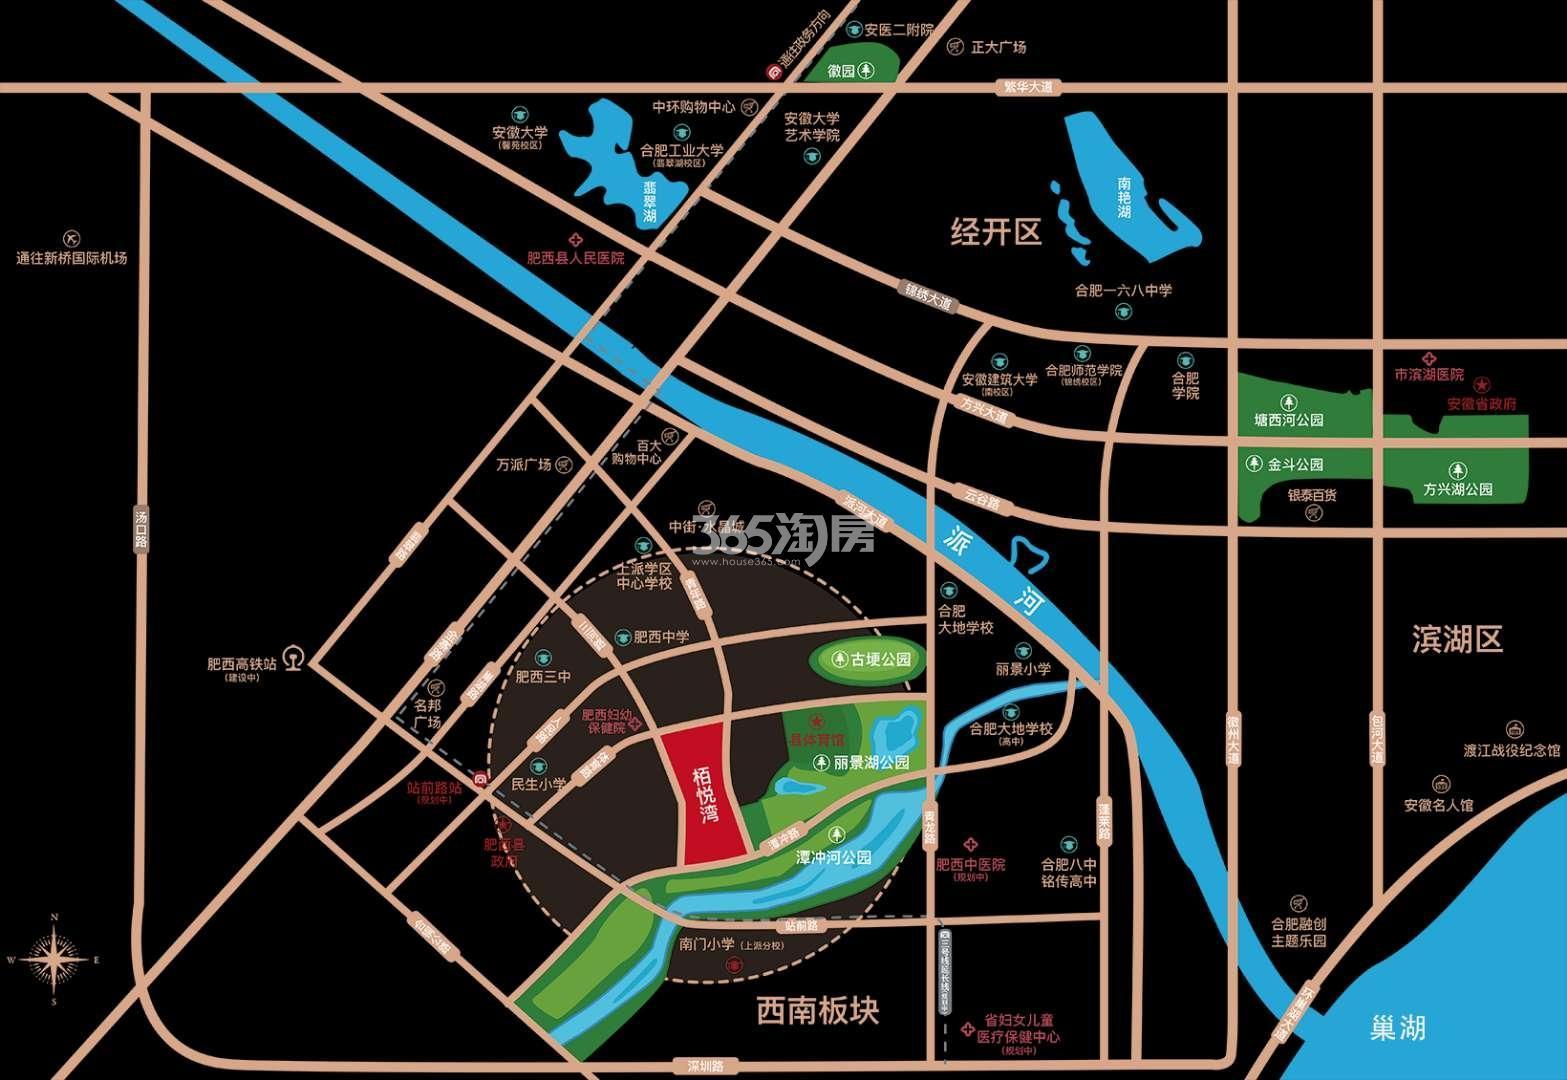 栢悦湾交通图